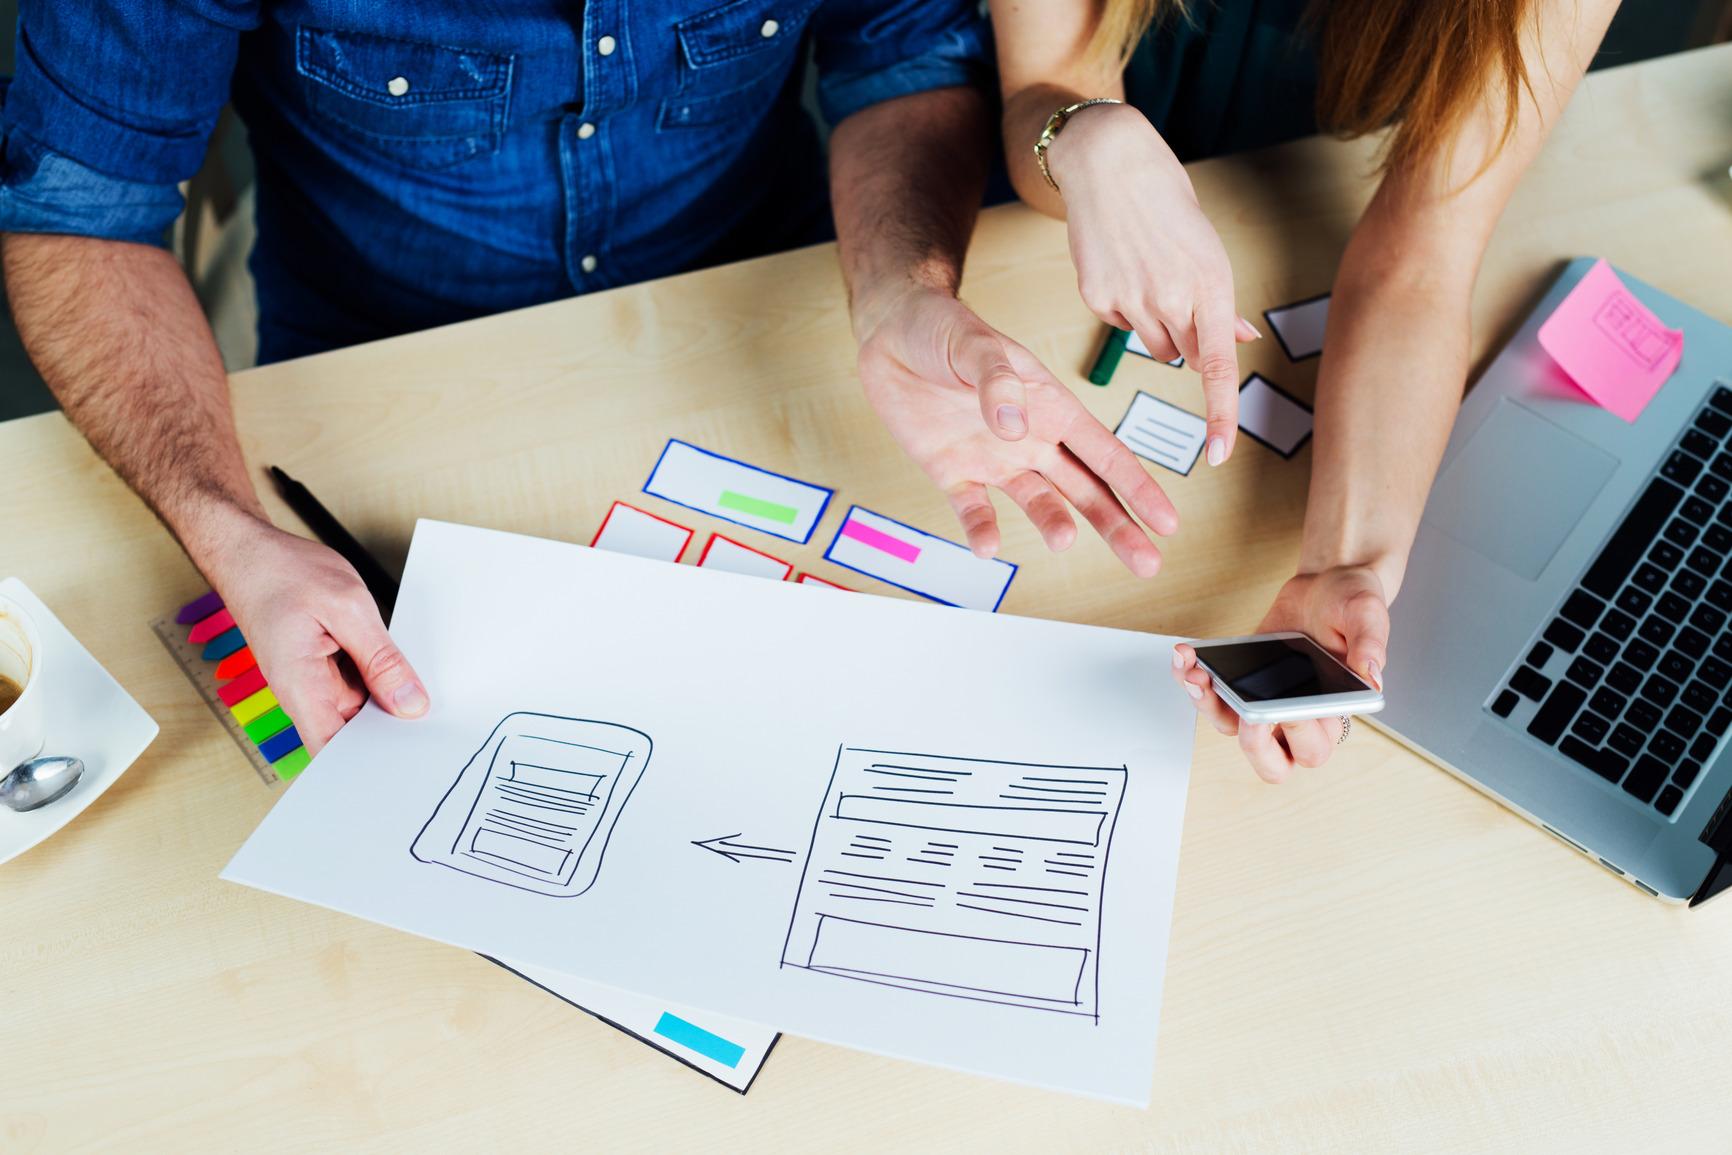 Curso projeto web design BHBH